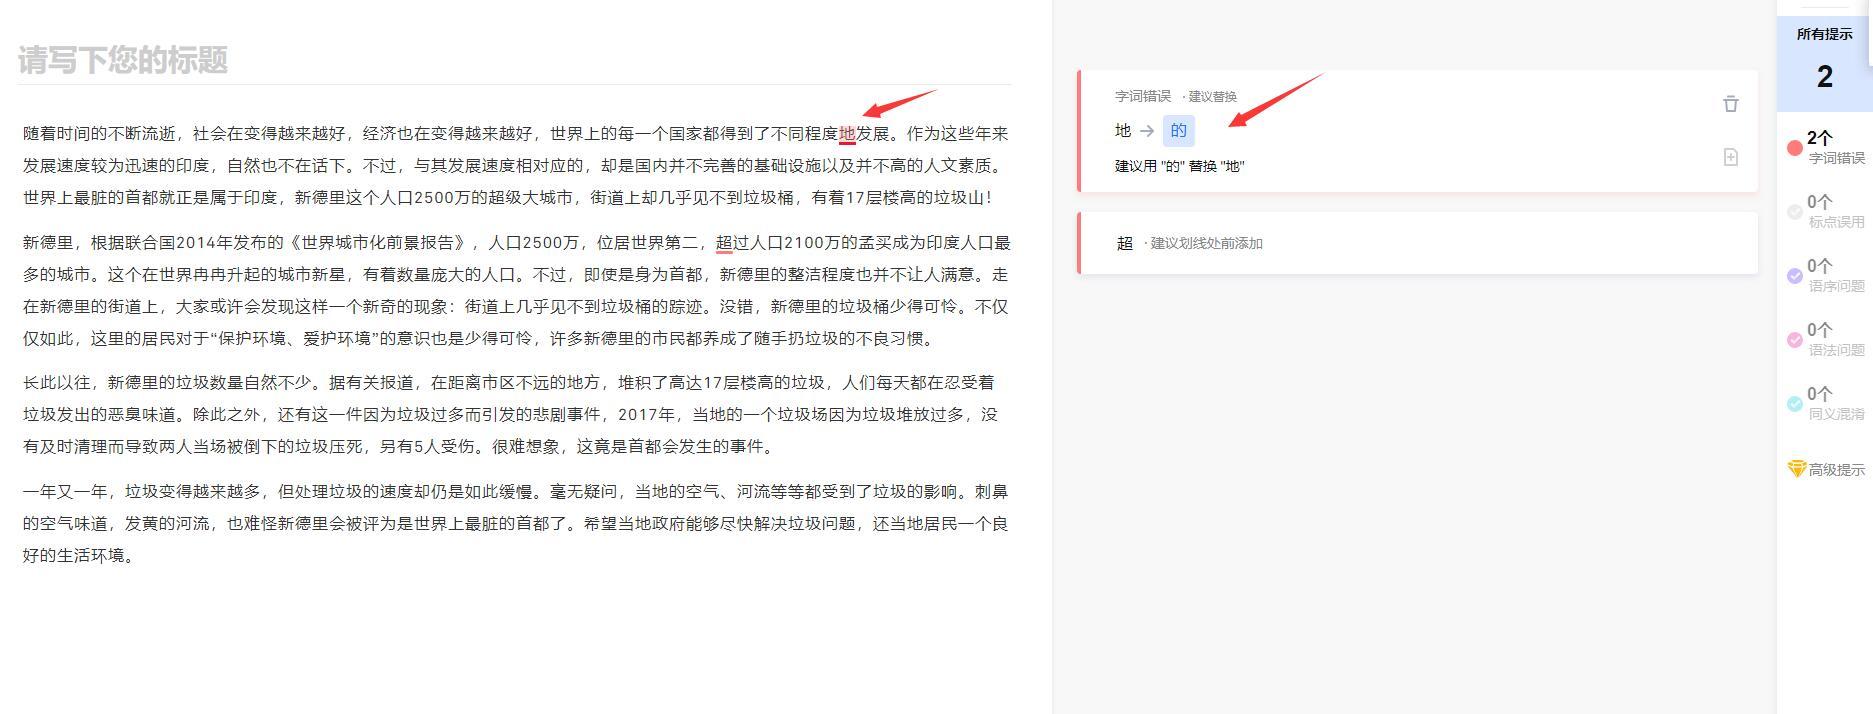 写作猫 - AI智能写作工具,查错字、病句、智能改写文章,实时翻译!